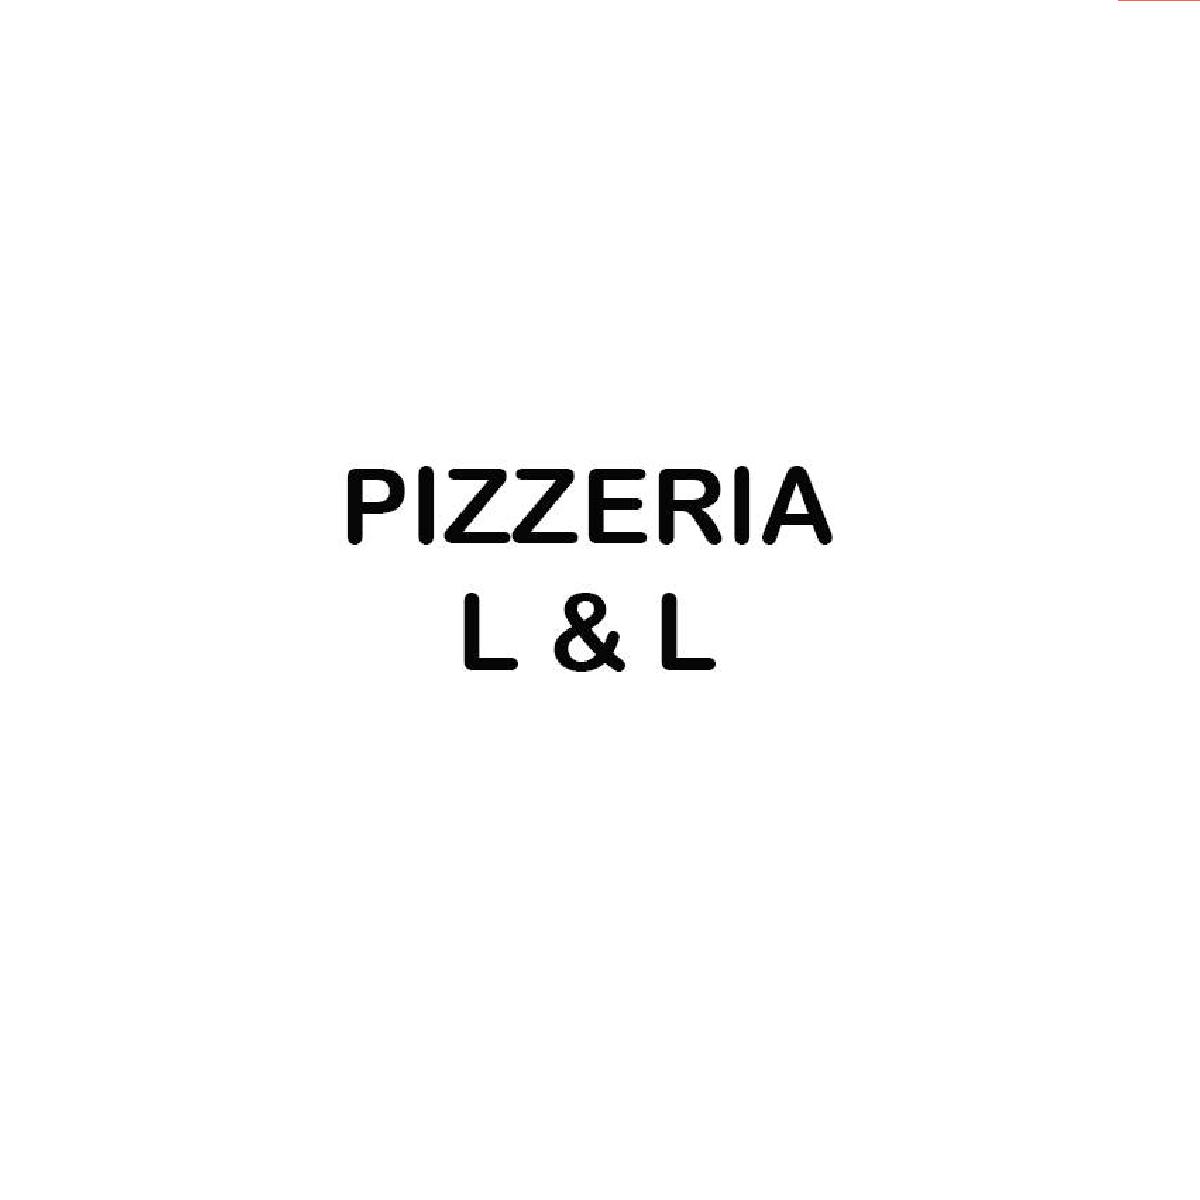 PIZZERIA L &L